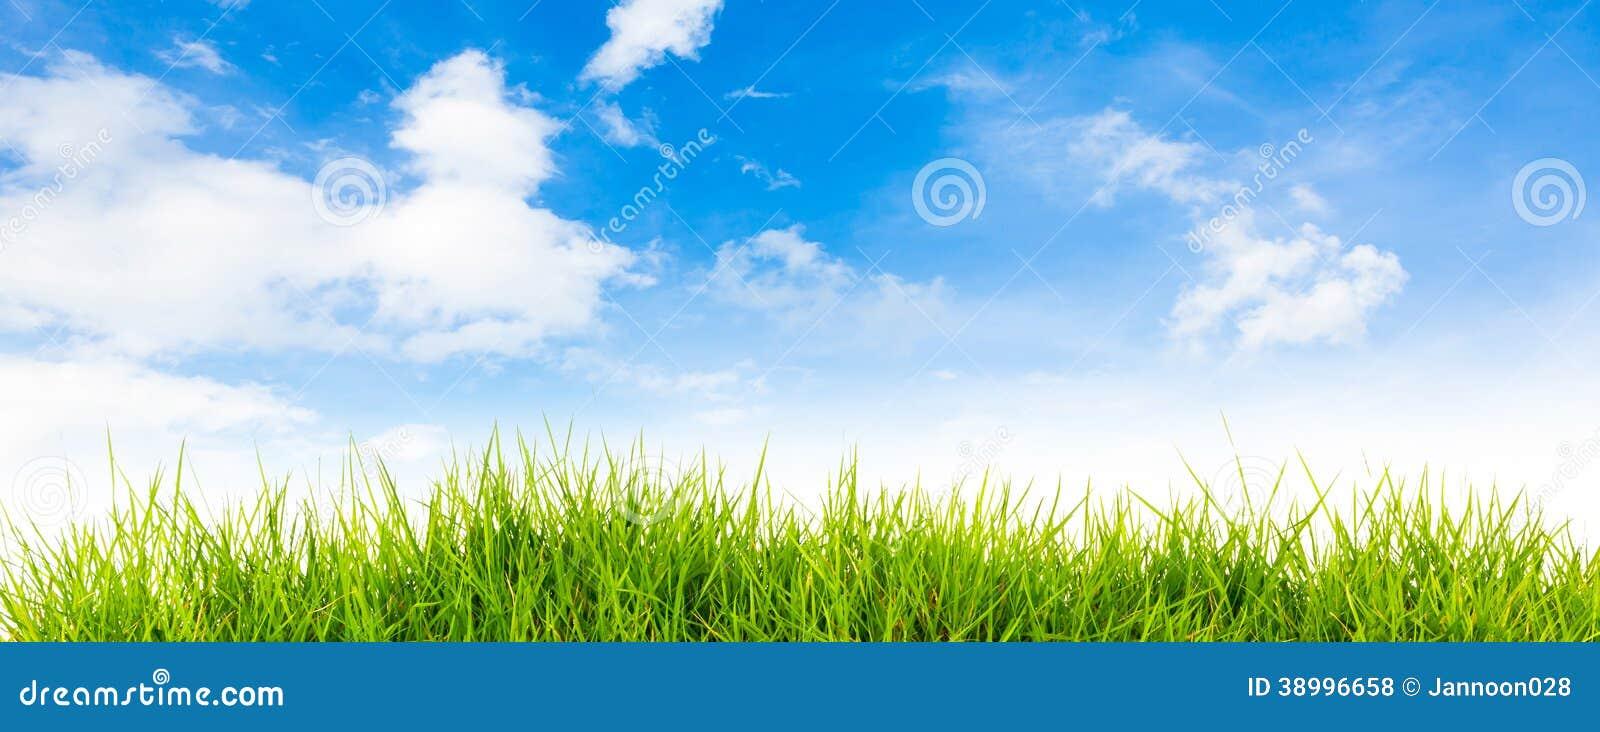 De achtergrond van de de lenteaard met gras en blauwe hemel